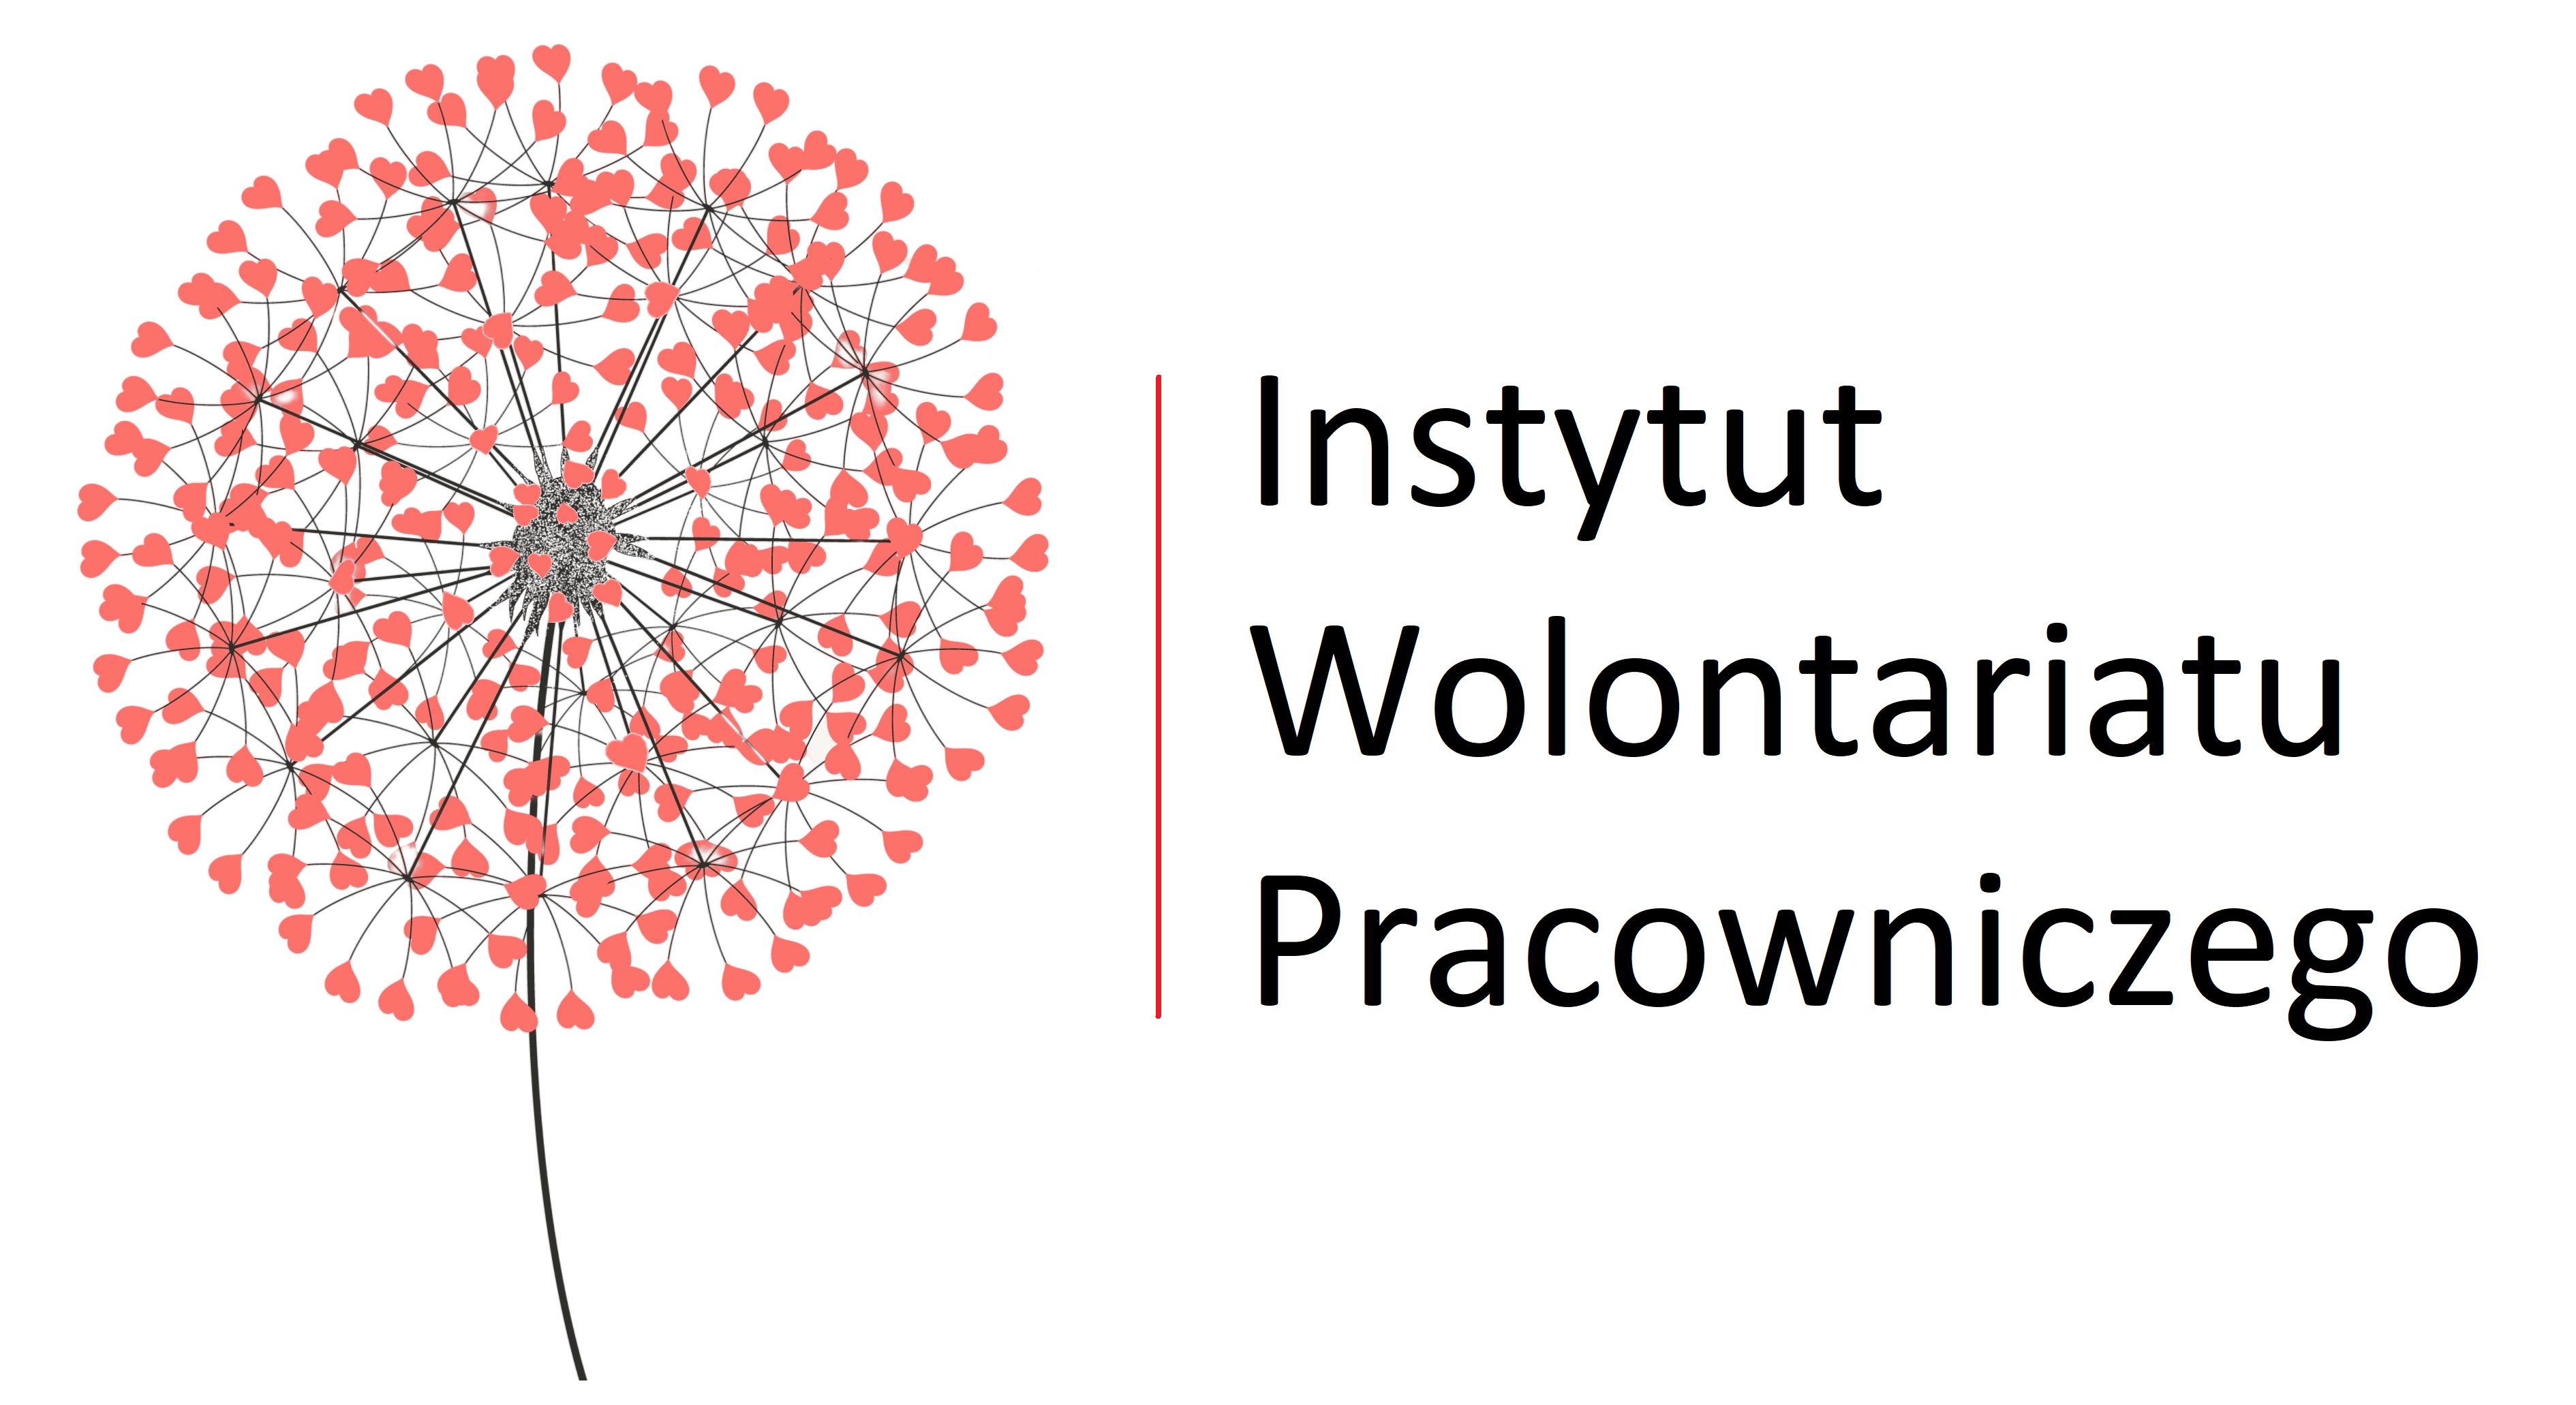 Instytut Wolontariatu Pracowniczego